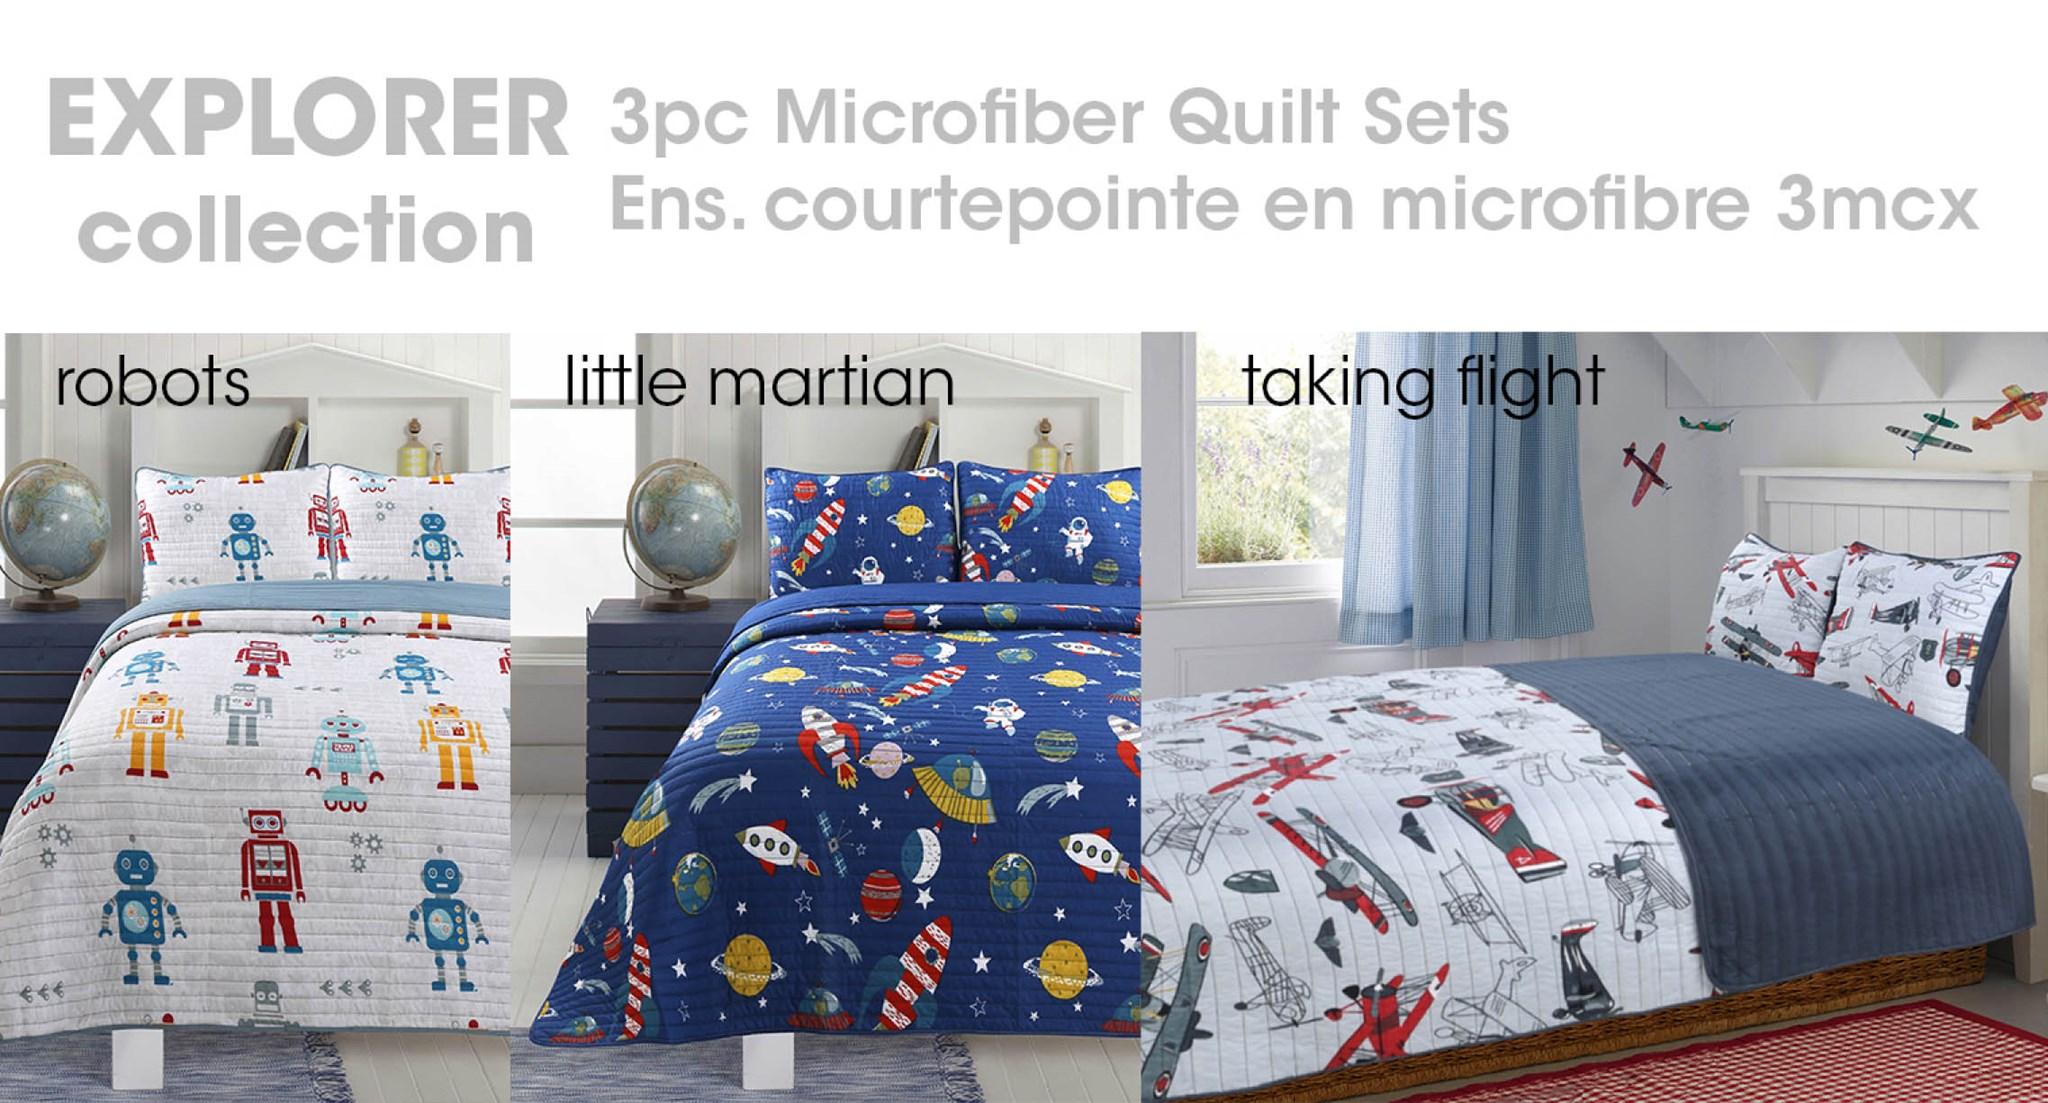 Little Adrien Explorer Collection 3pc Microfiber Quilt Set